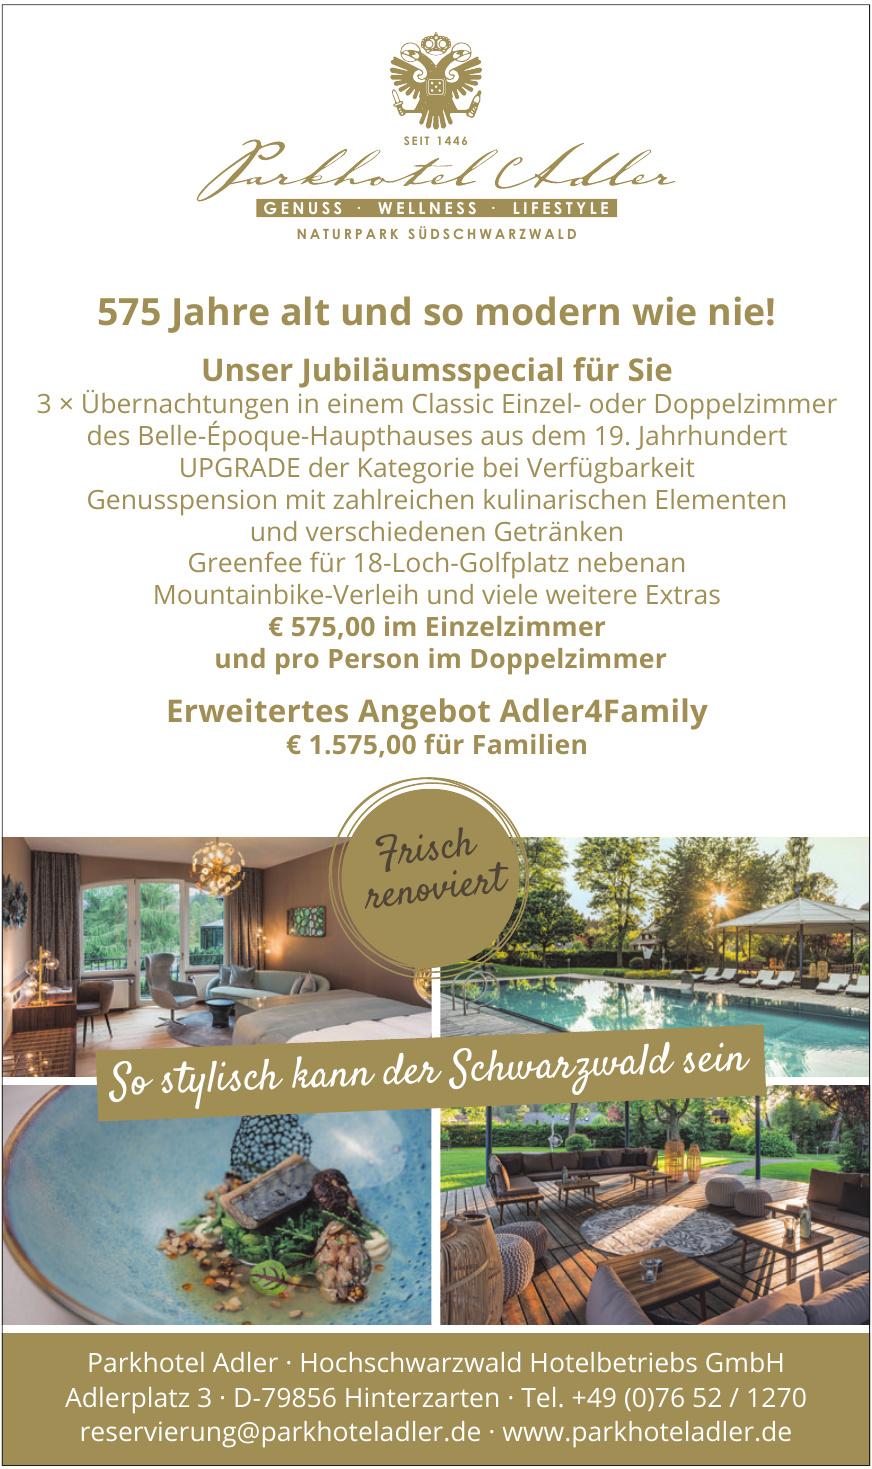 Parkhotel Adler · Hochschwarzwald Hotelbetriebs GmbH